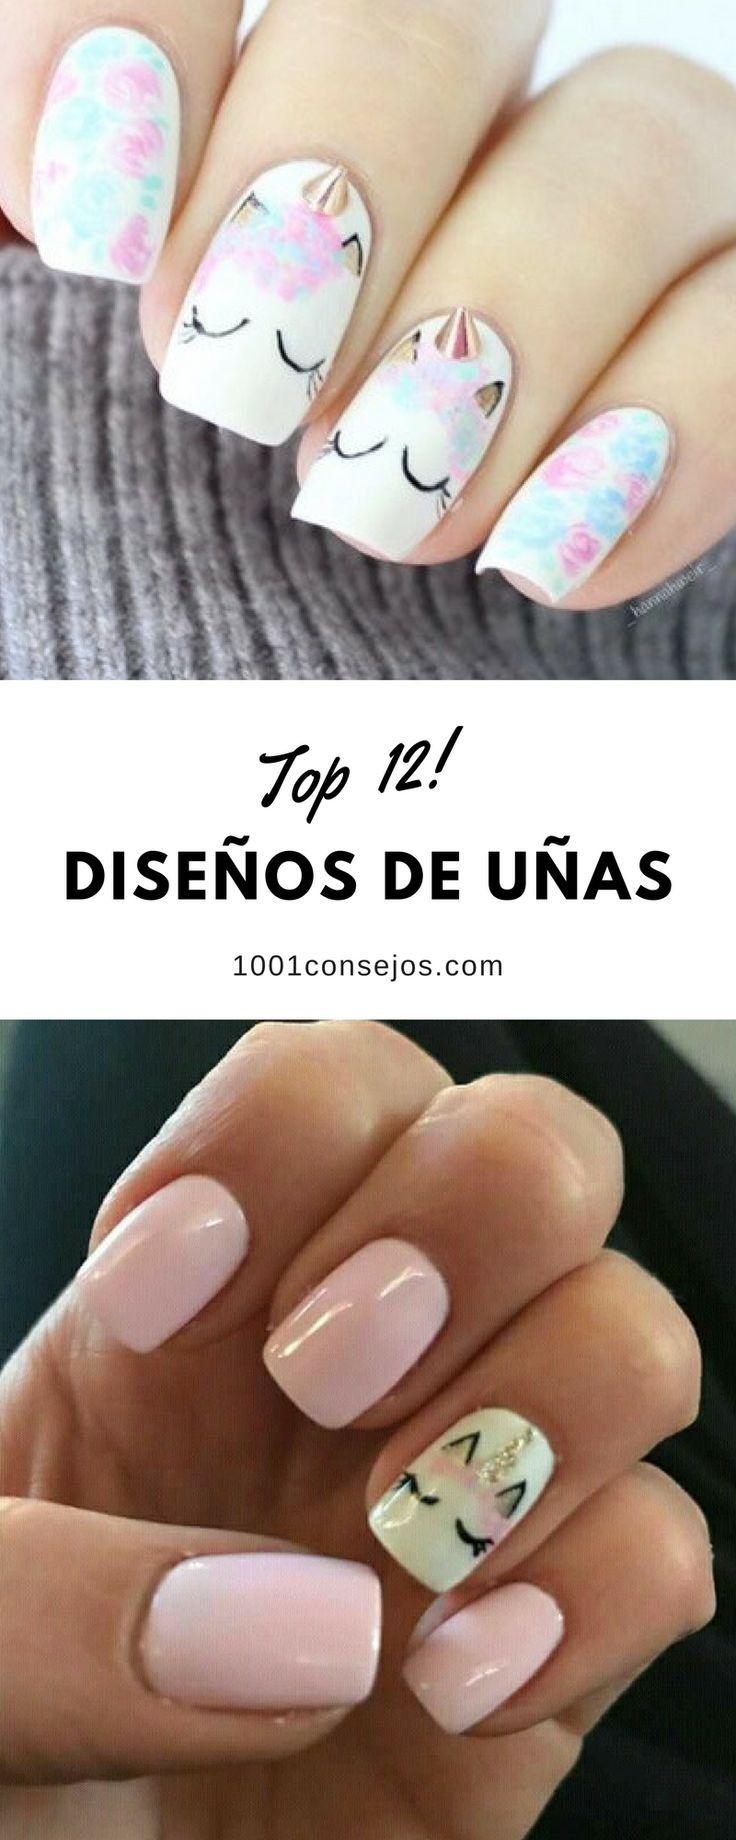 Encuentra inspiración en estos 12 diseños creativos de uñas. | uñas decoradas juveniles | uñas decoradas de moda | diseños de uñas fáciles paso a paso. | #naildesigns #nailart